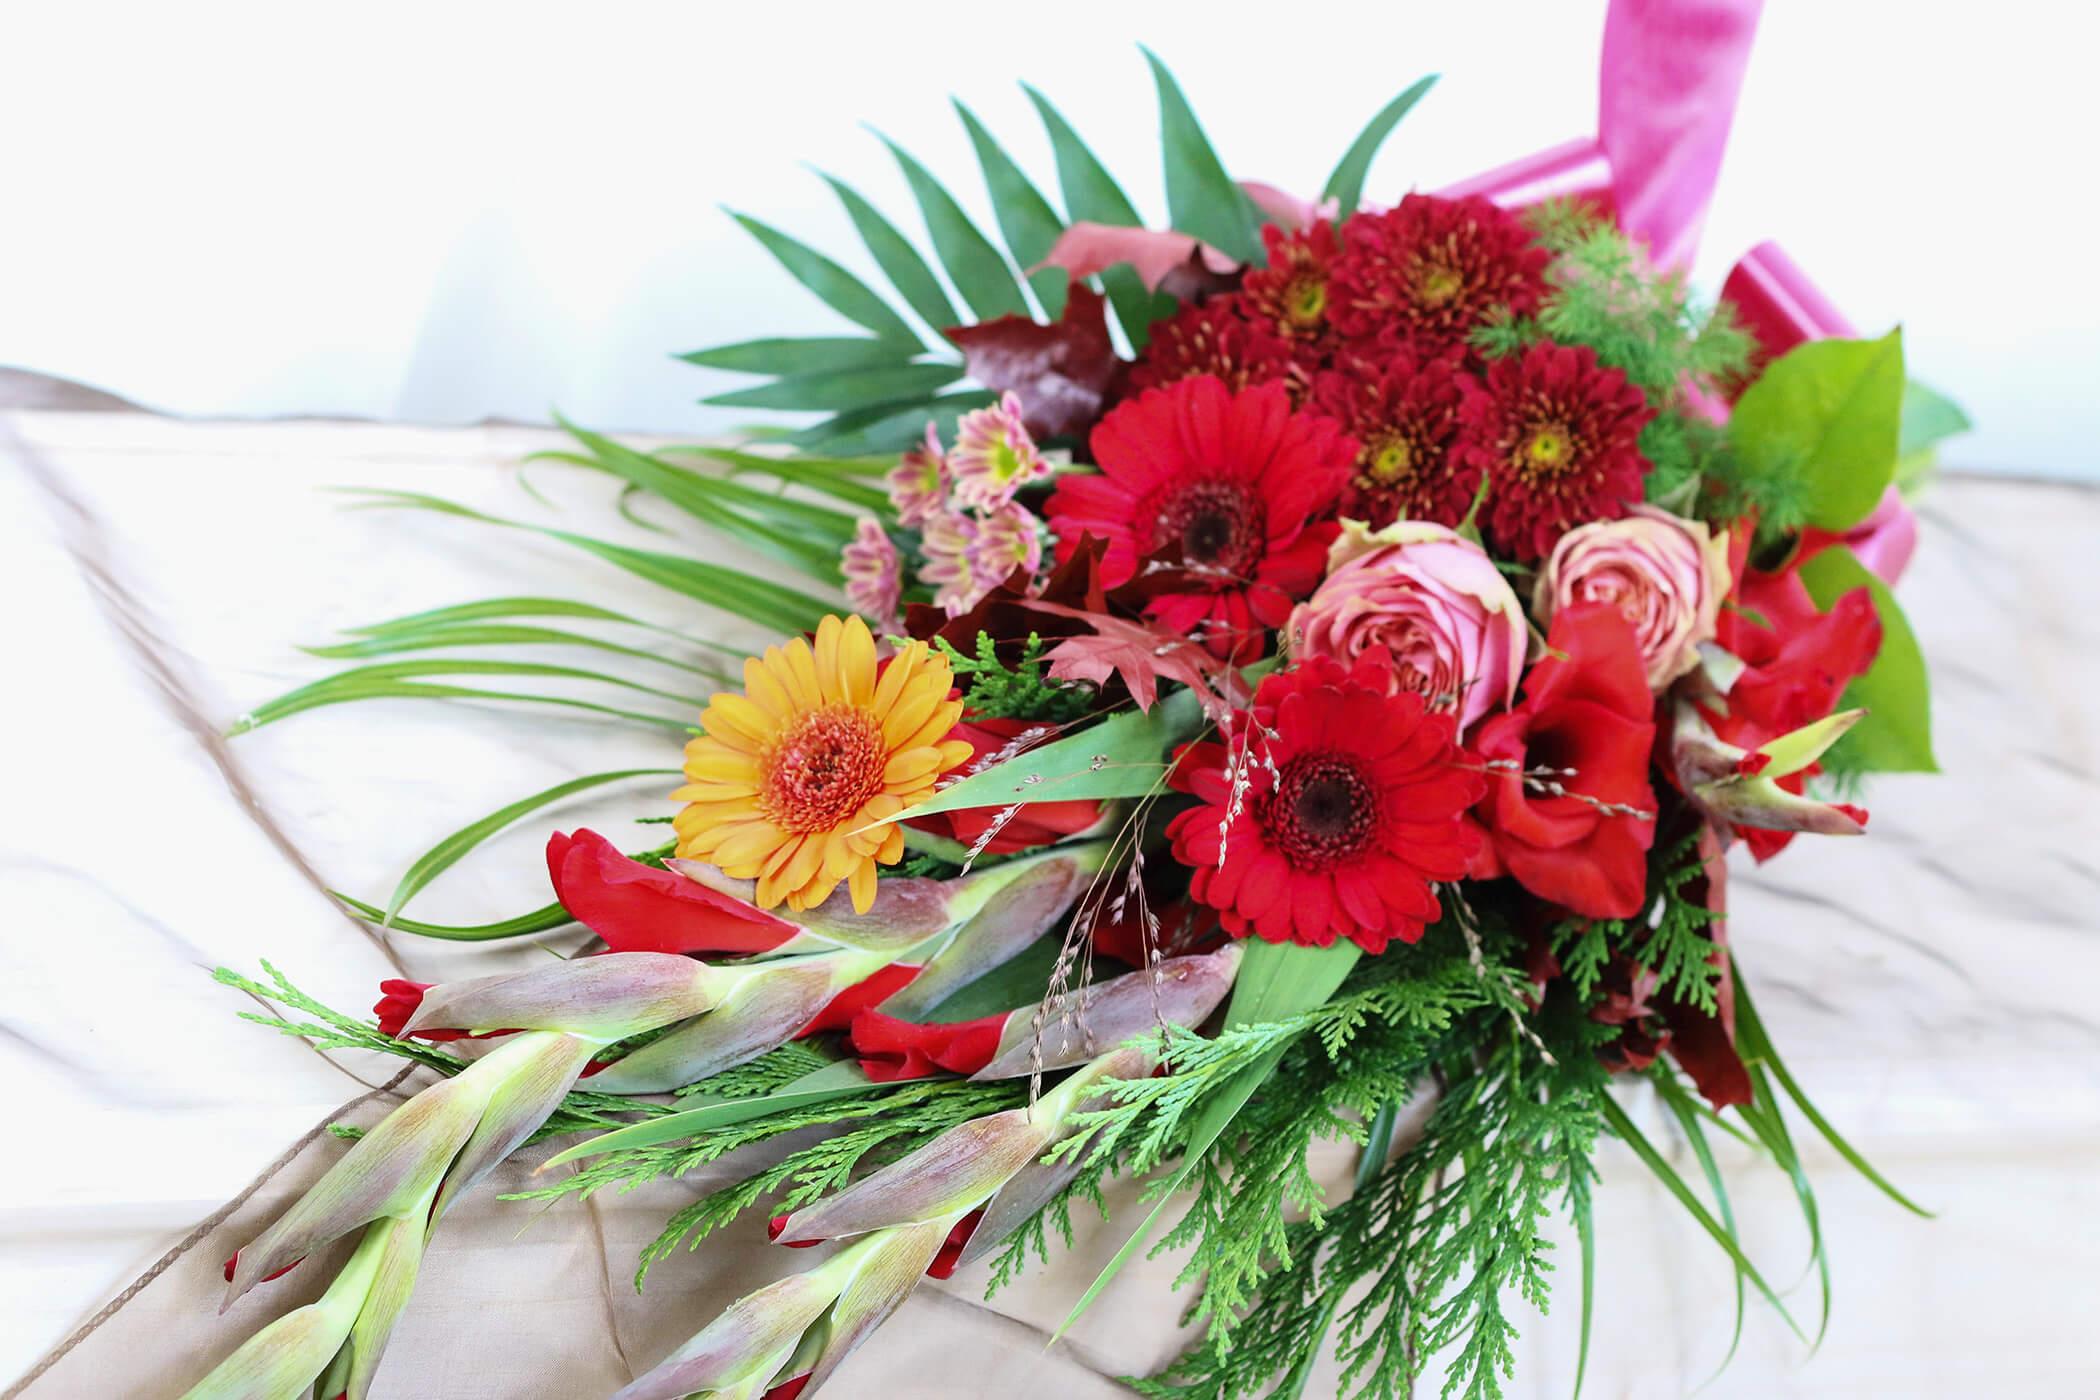 Blommor i varma röda och rosa färger dominerar denna sorgbukett. Blommorna varierar vi efter säsong. Här har vi använt rosor, krysantemum, germini och vackert grönt.